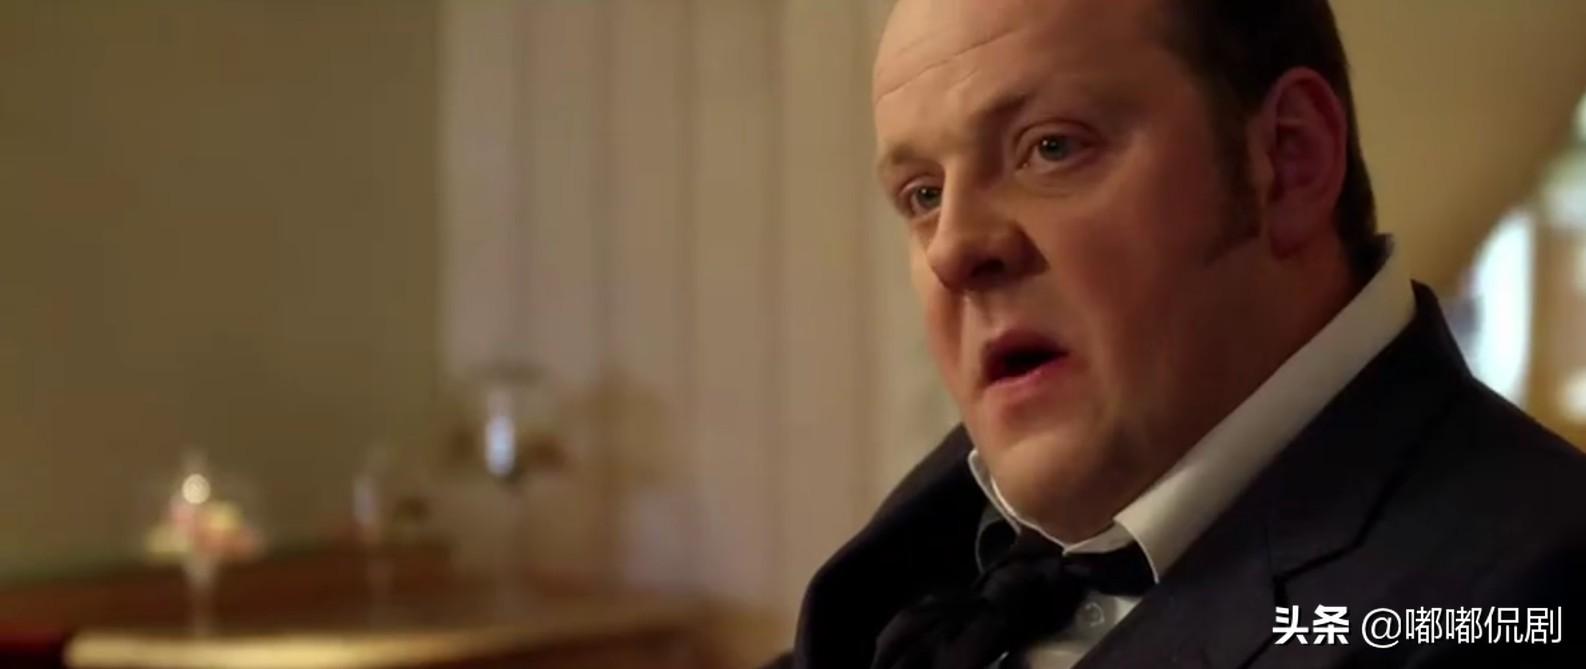 《调音师》:一部神反转的悬疑电影,你真的看懂了吗?